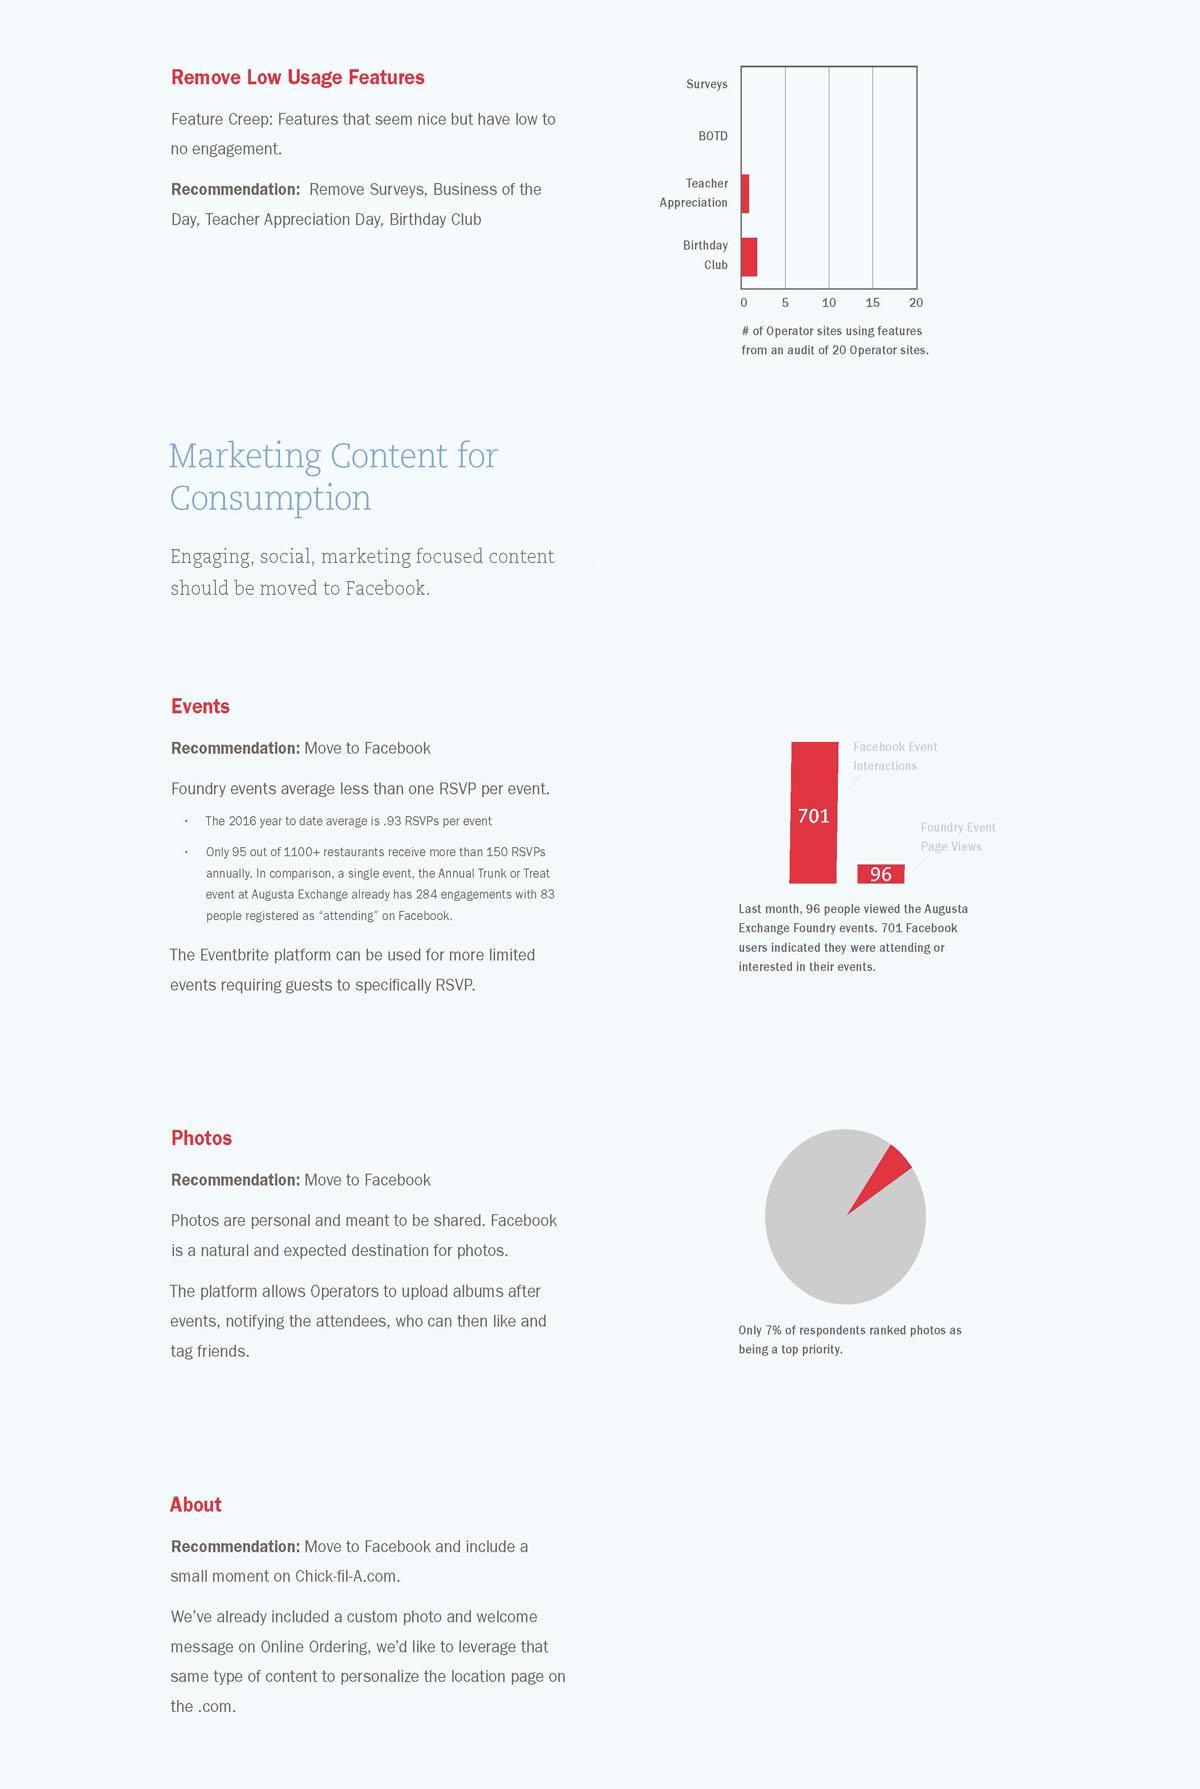 infographic_04